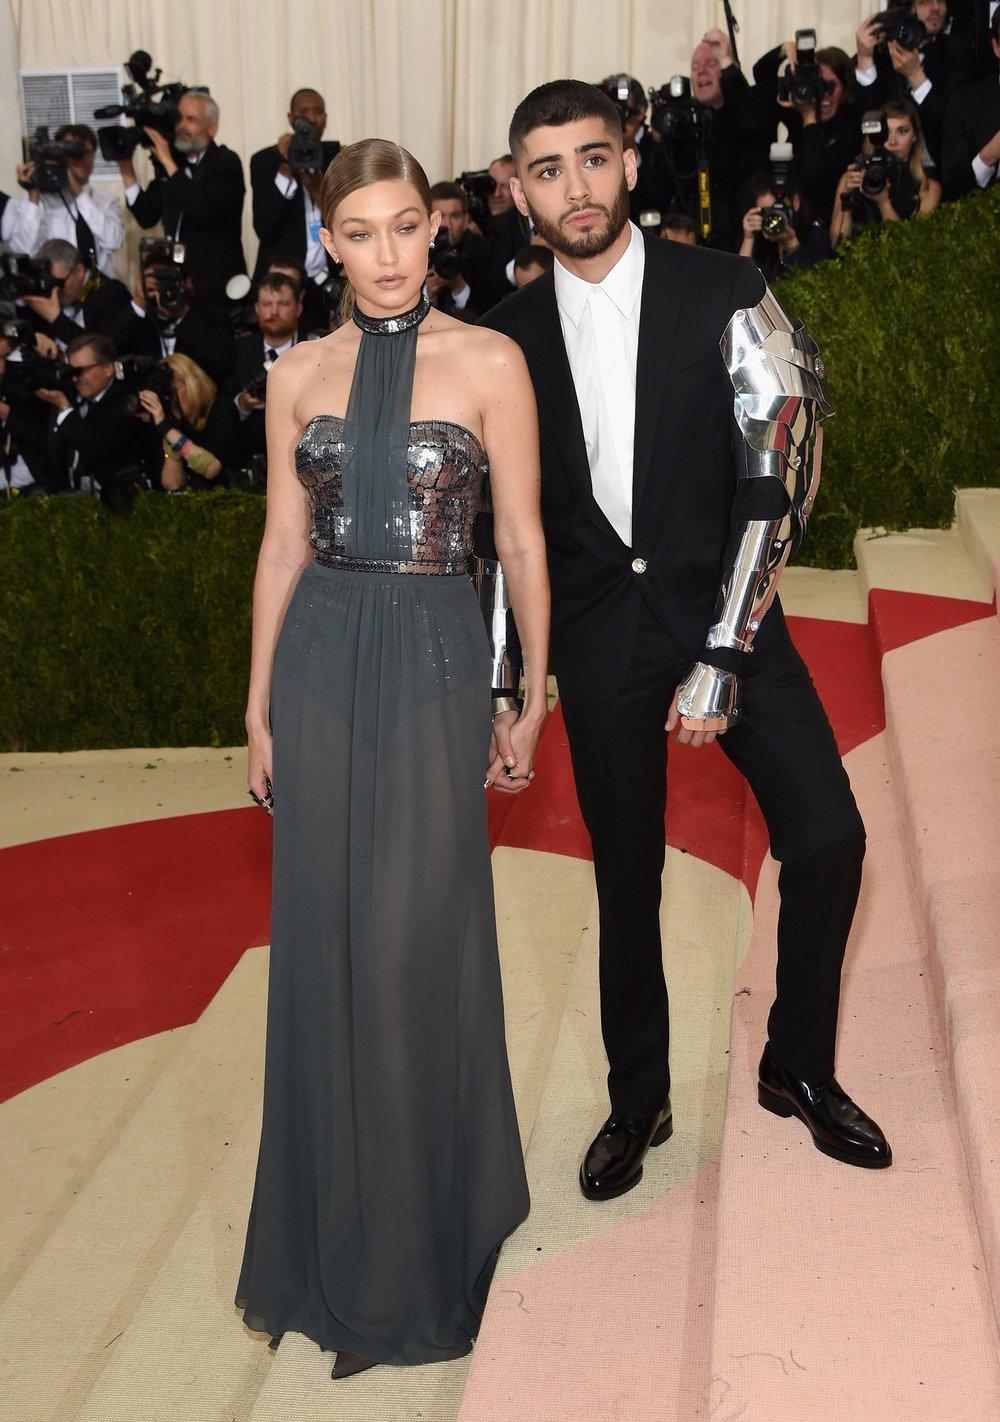 Gigi Hadid in Tommy Hilfiger , Zayn Malik in Versace